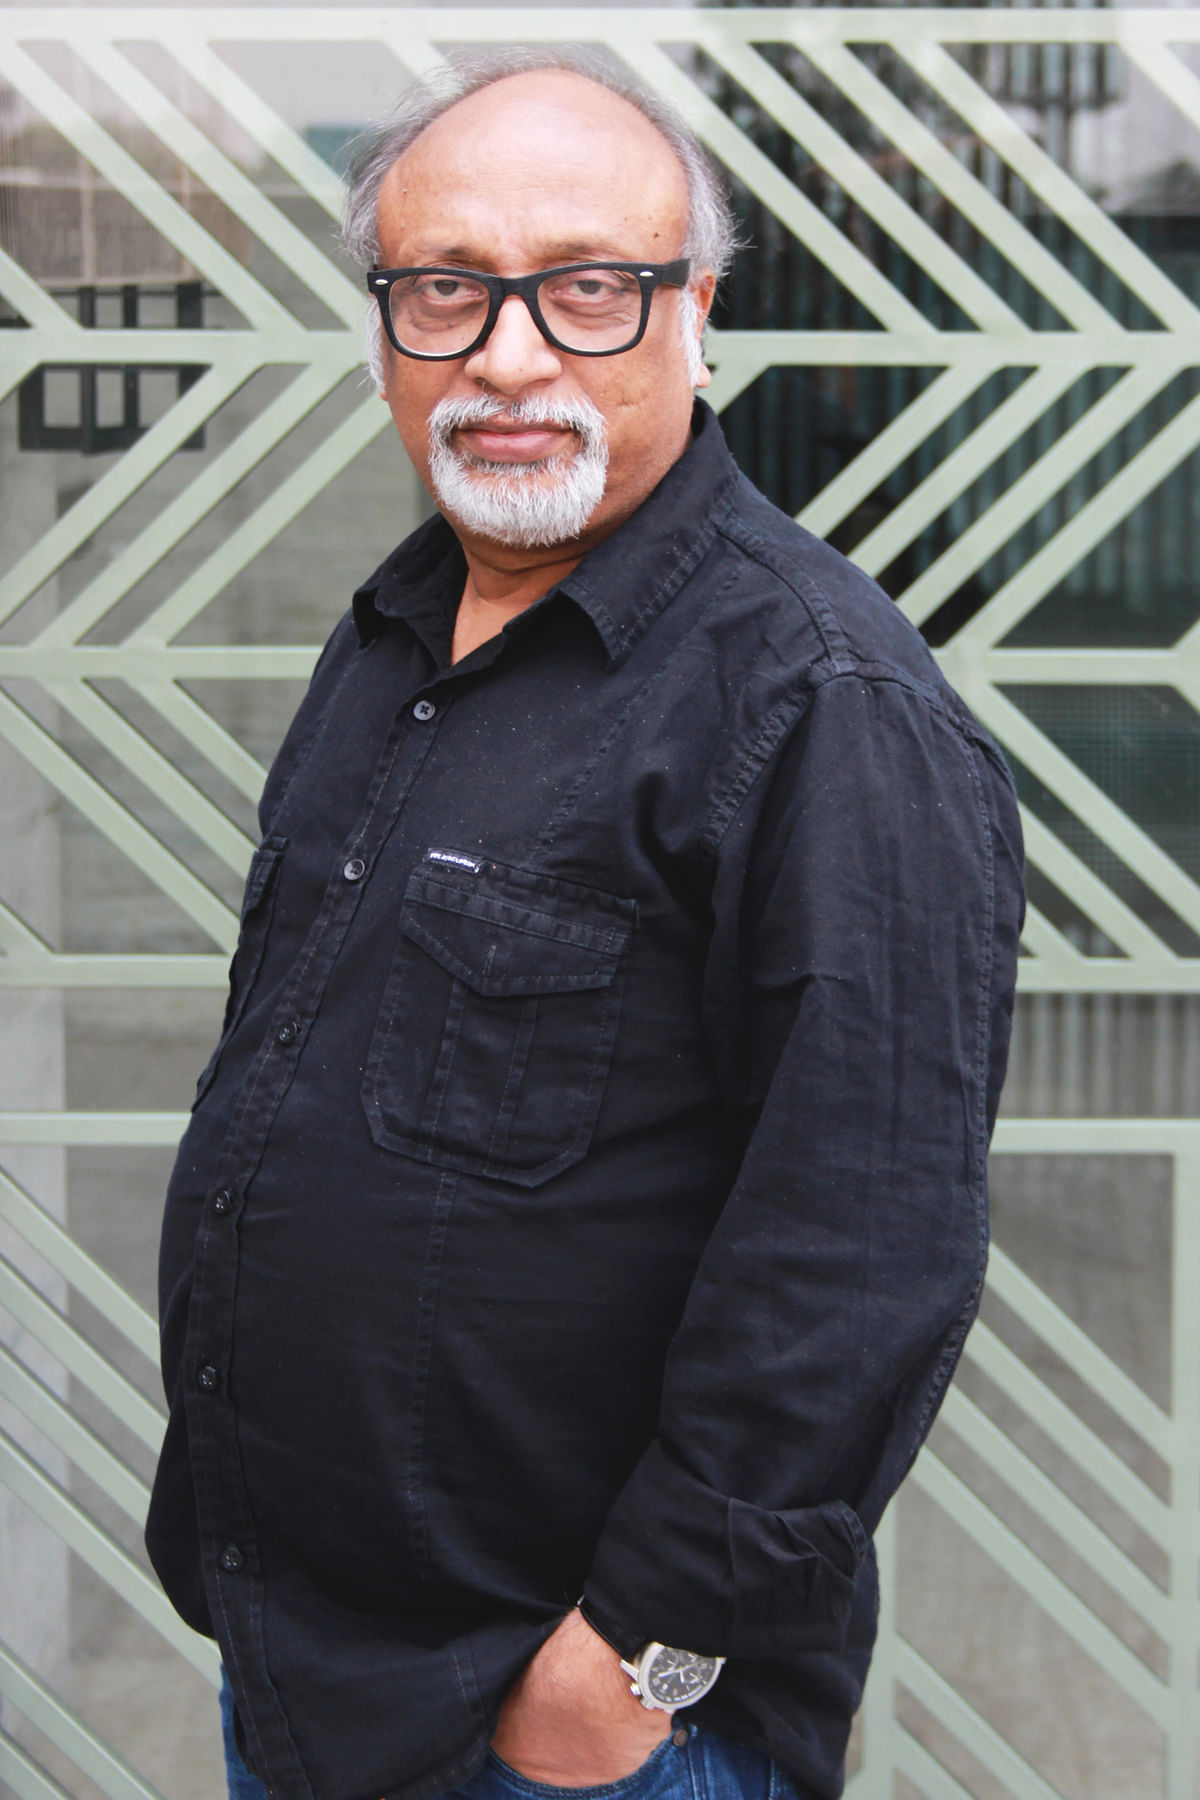 KV Sridhar 'Pops'